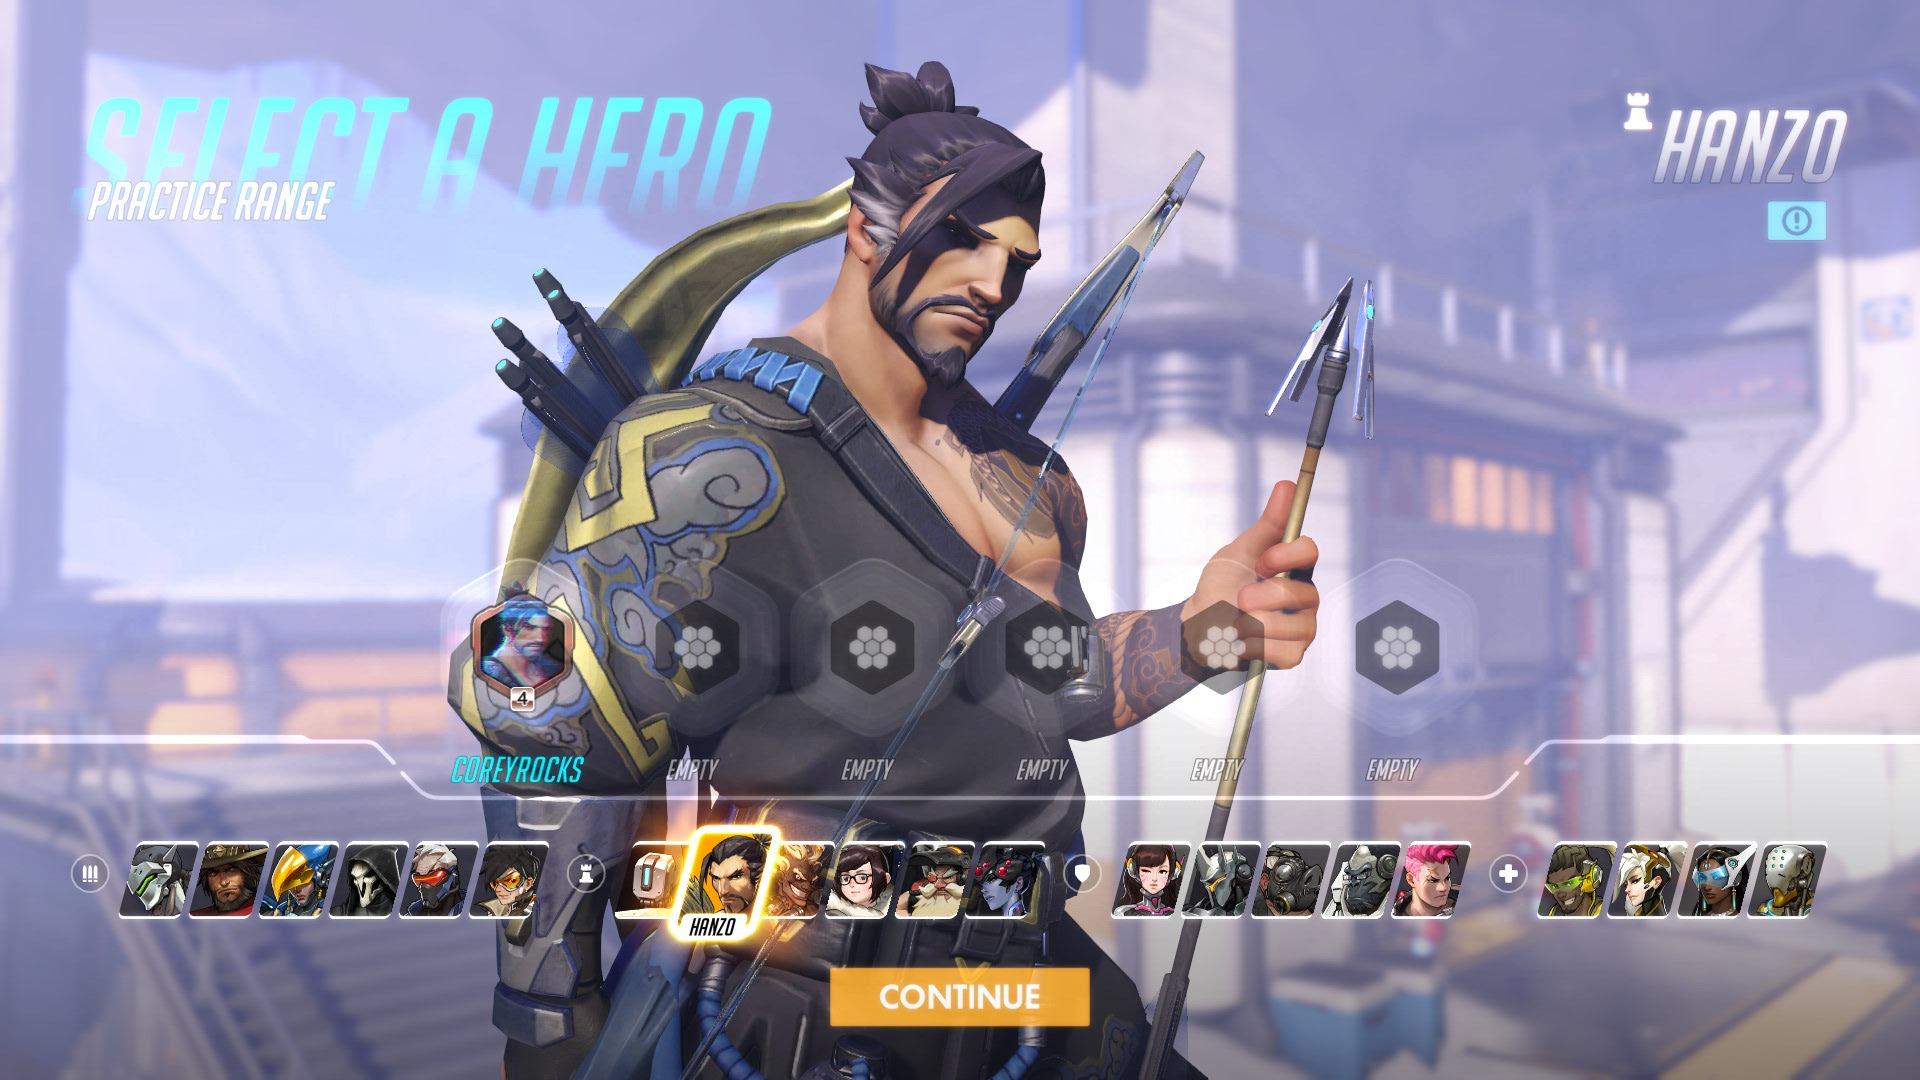 Hanzo Overwatch Hero